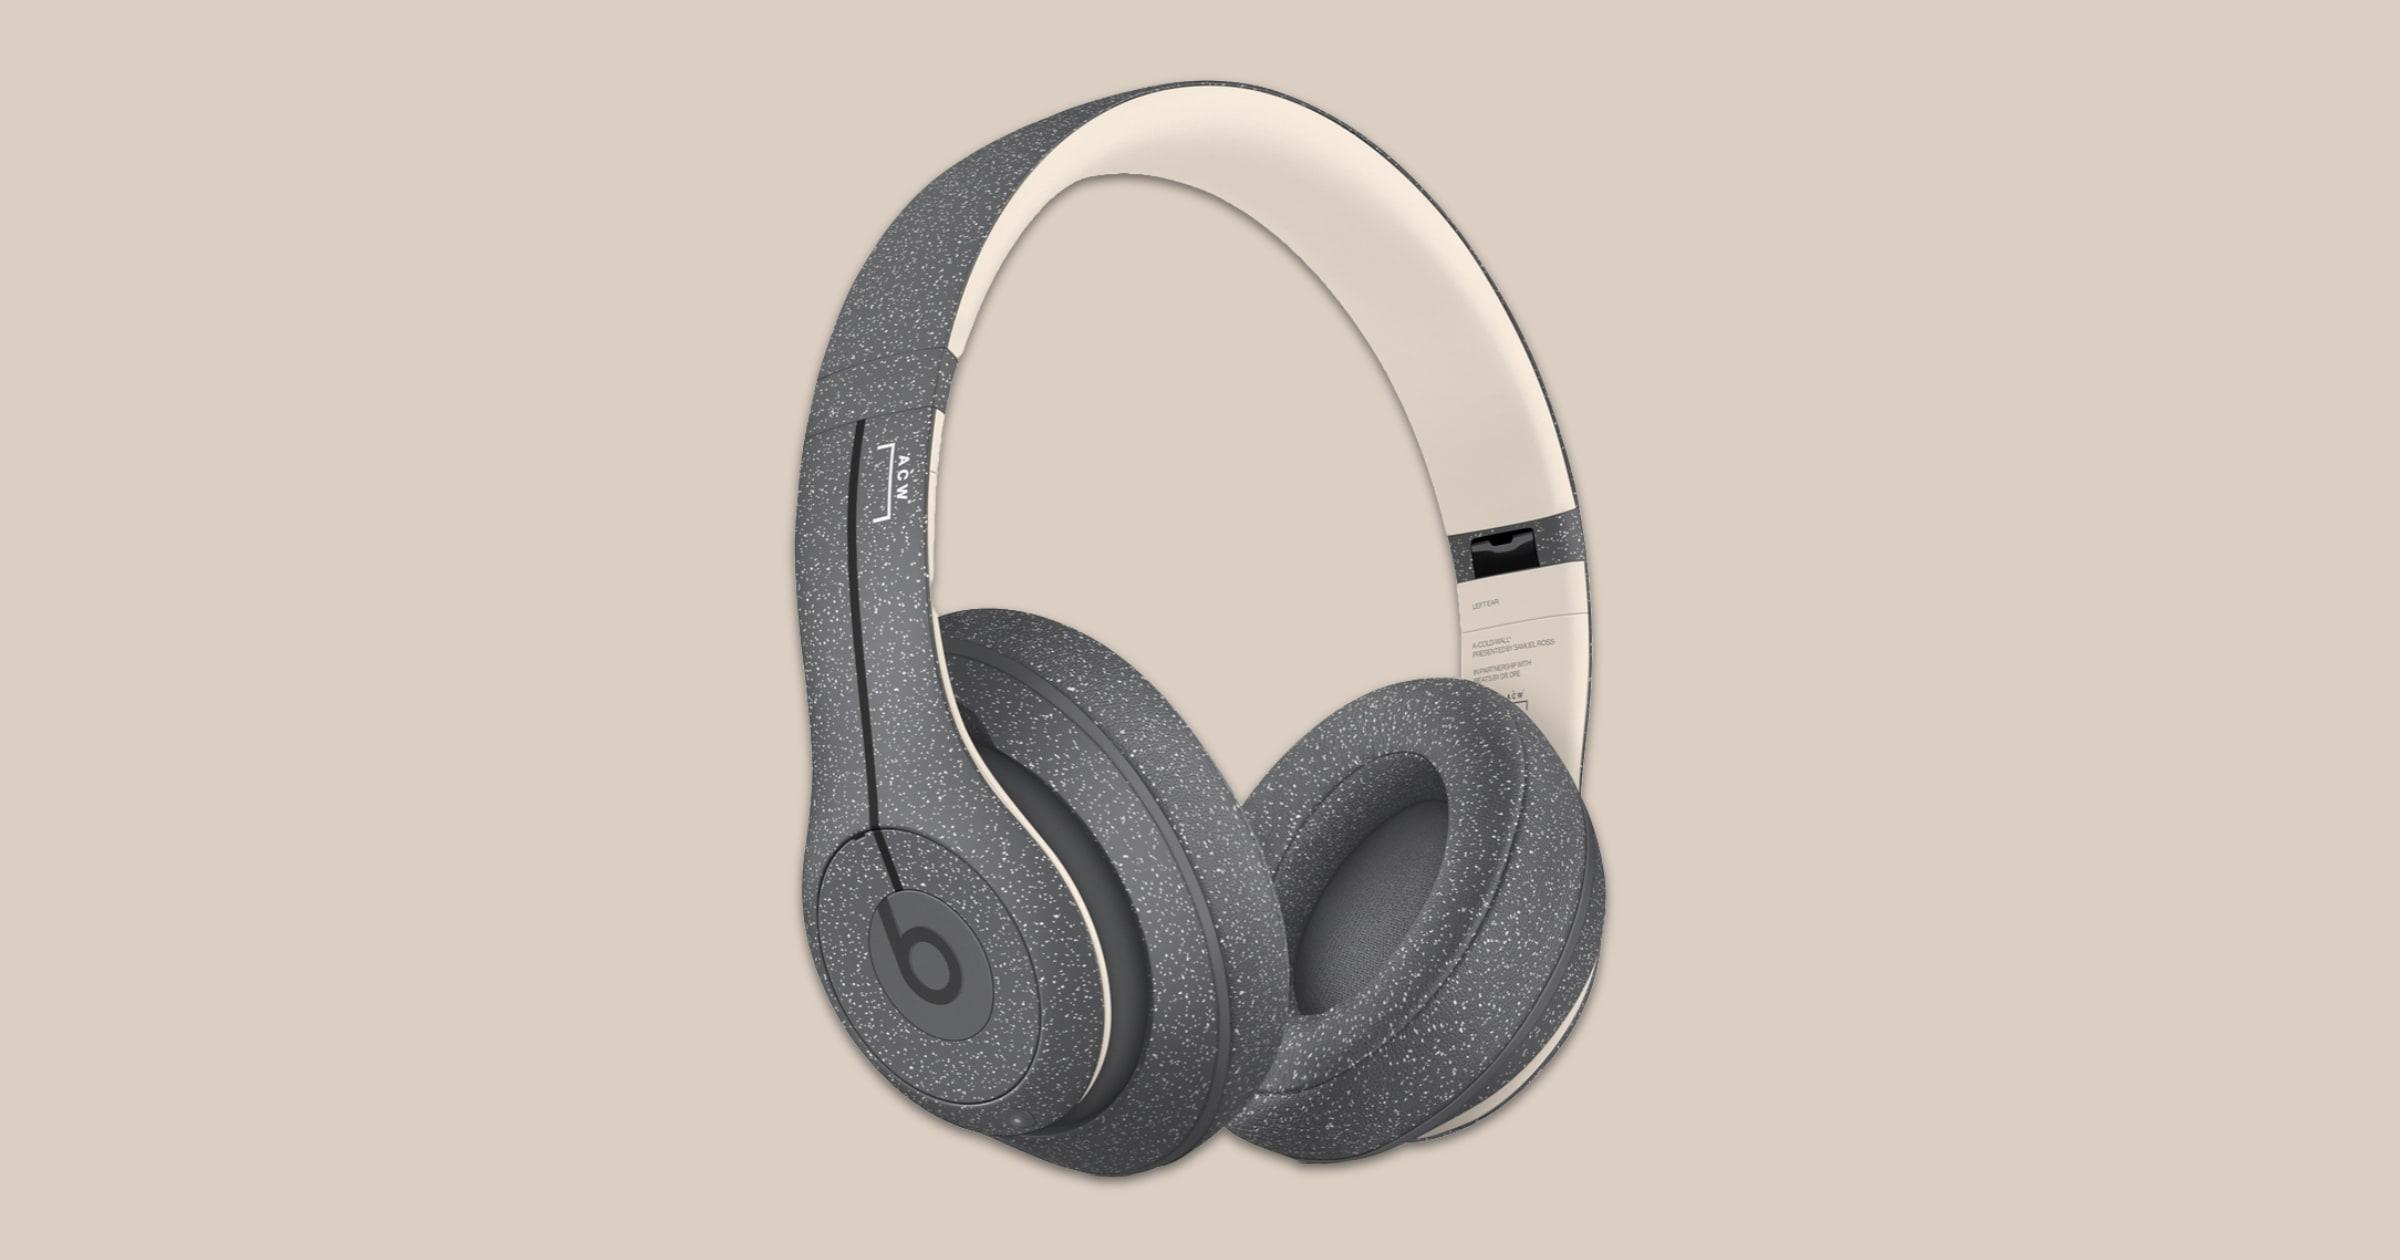 A-COLD-WALL Beats headphones